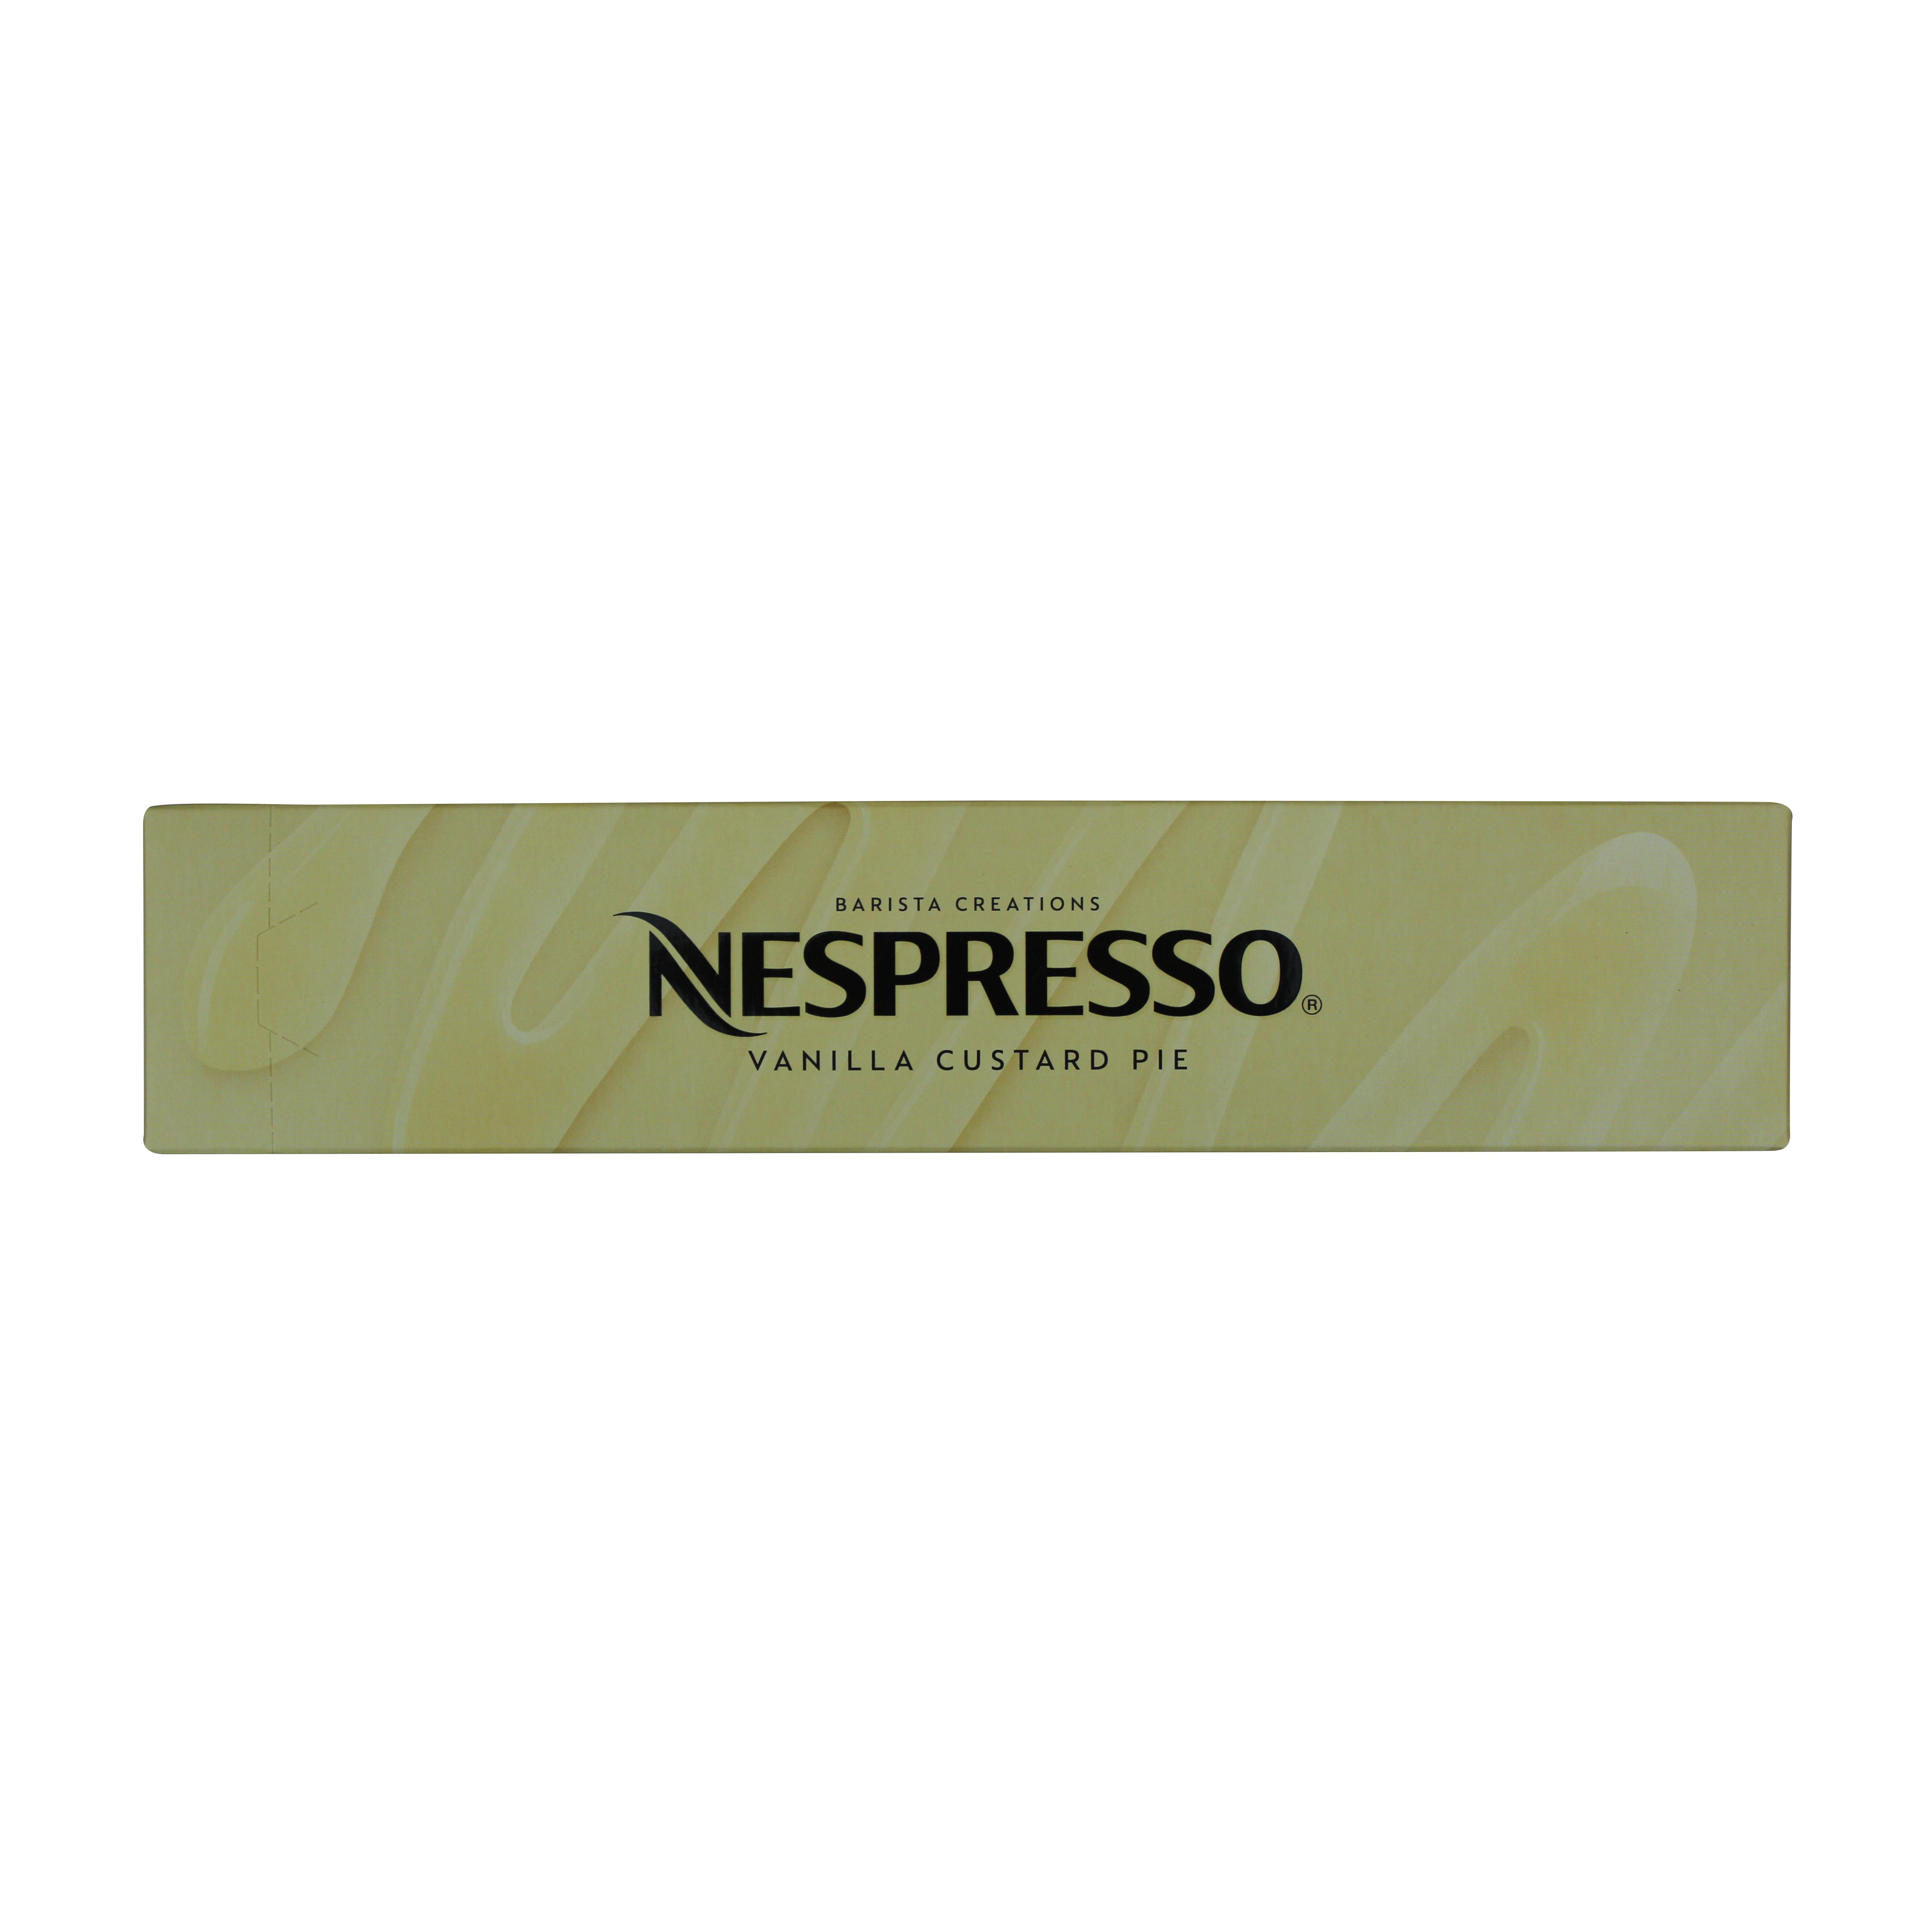 네스프레소 버츄오 바리스타 크리에이션 바닐라향 커스터드 파이 캡슐커피, 12.5g, 10개